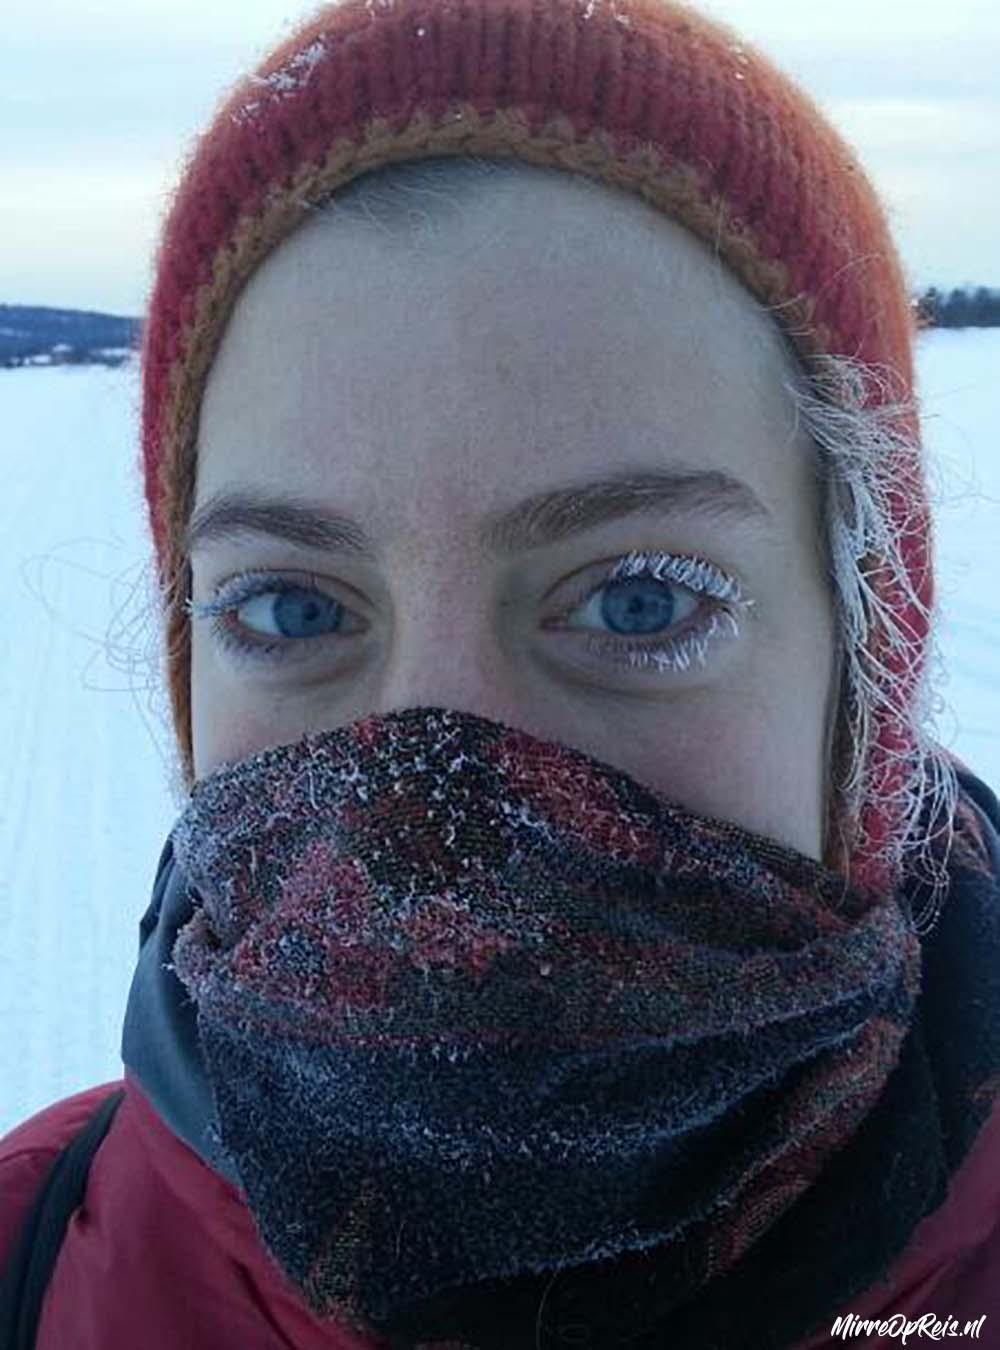 Fins Lapland ijs op de wimpers